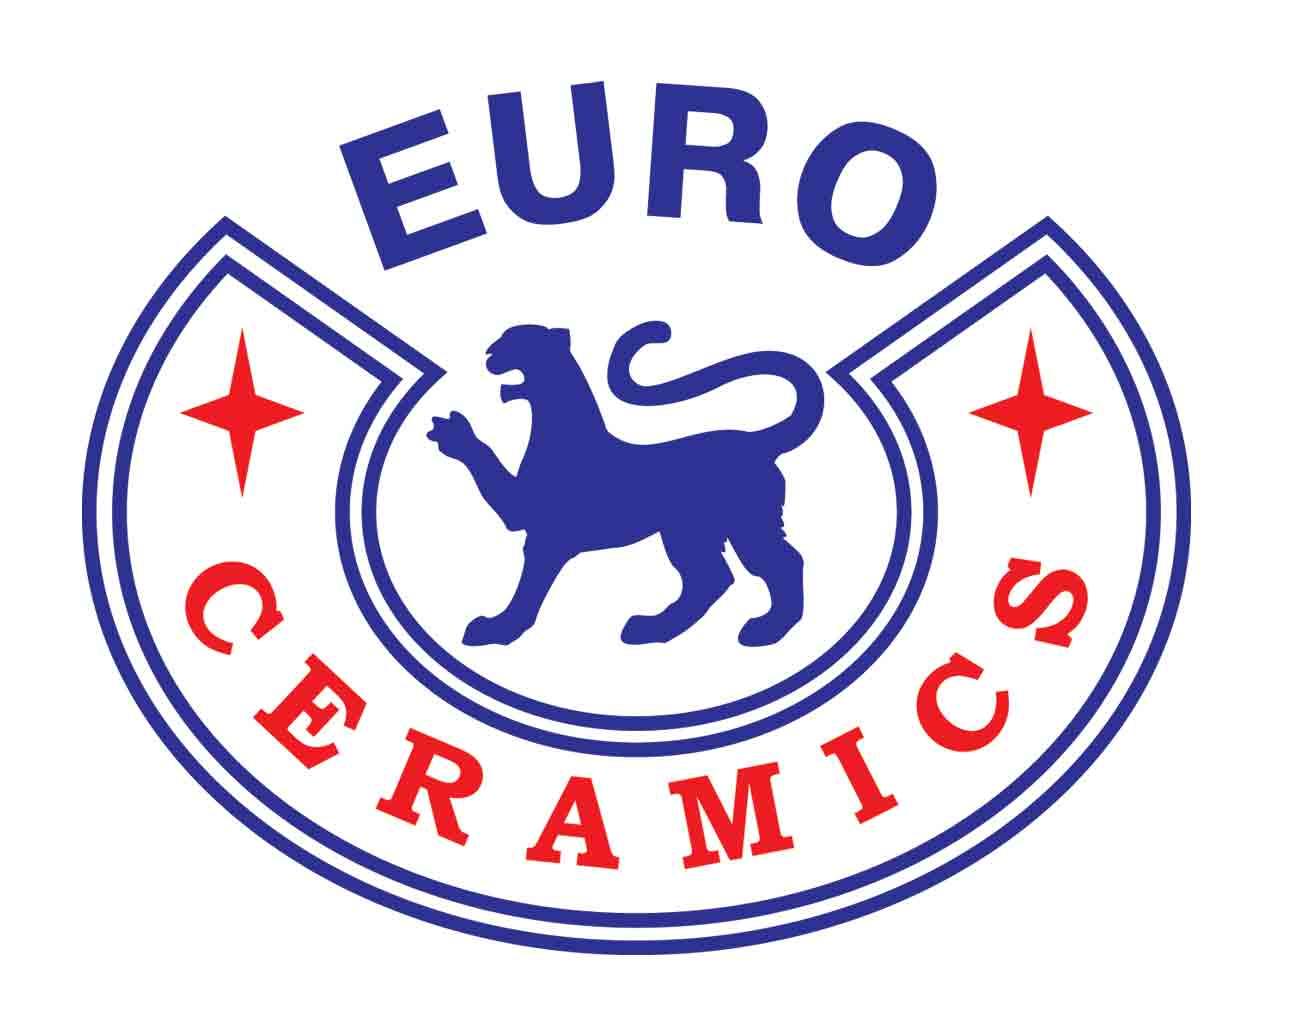 logo--EurCer-OSN1.jpg?1412167429